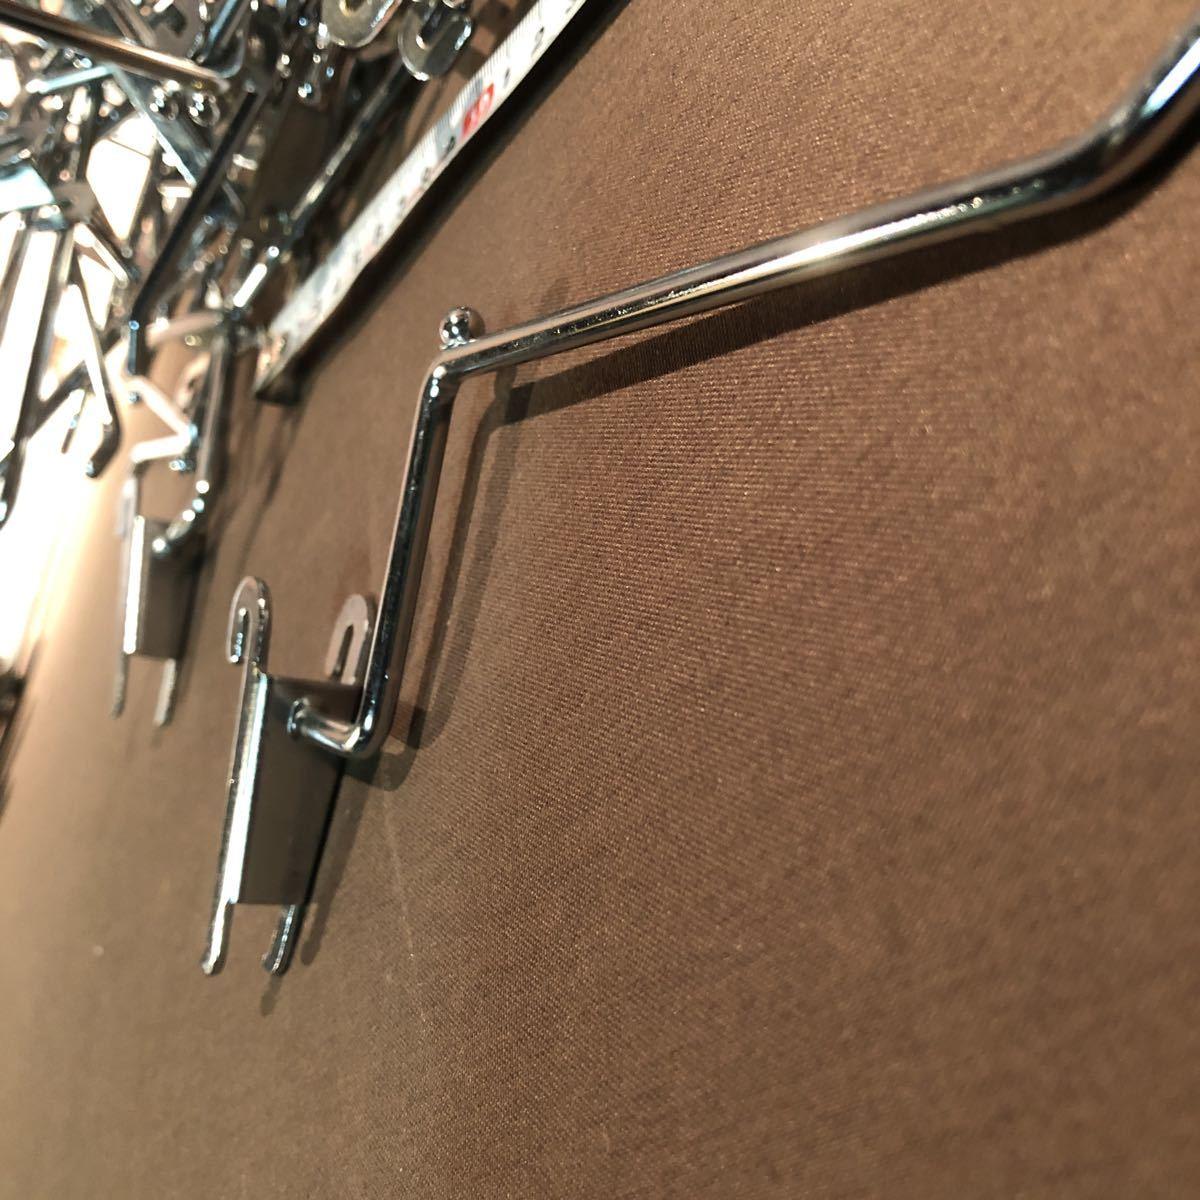 3582  変形 便利! 店舗で使用 ネット什器用フック 50個 ディスプレイ 陳列 展示 アパレル 長さ12cm 追加可能!_画像5